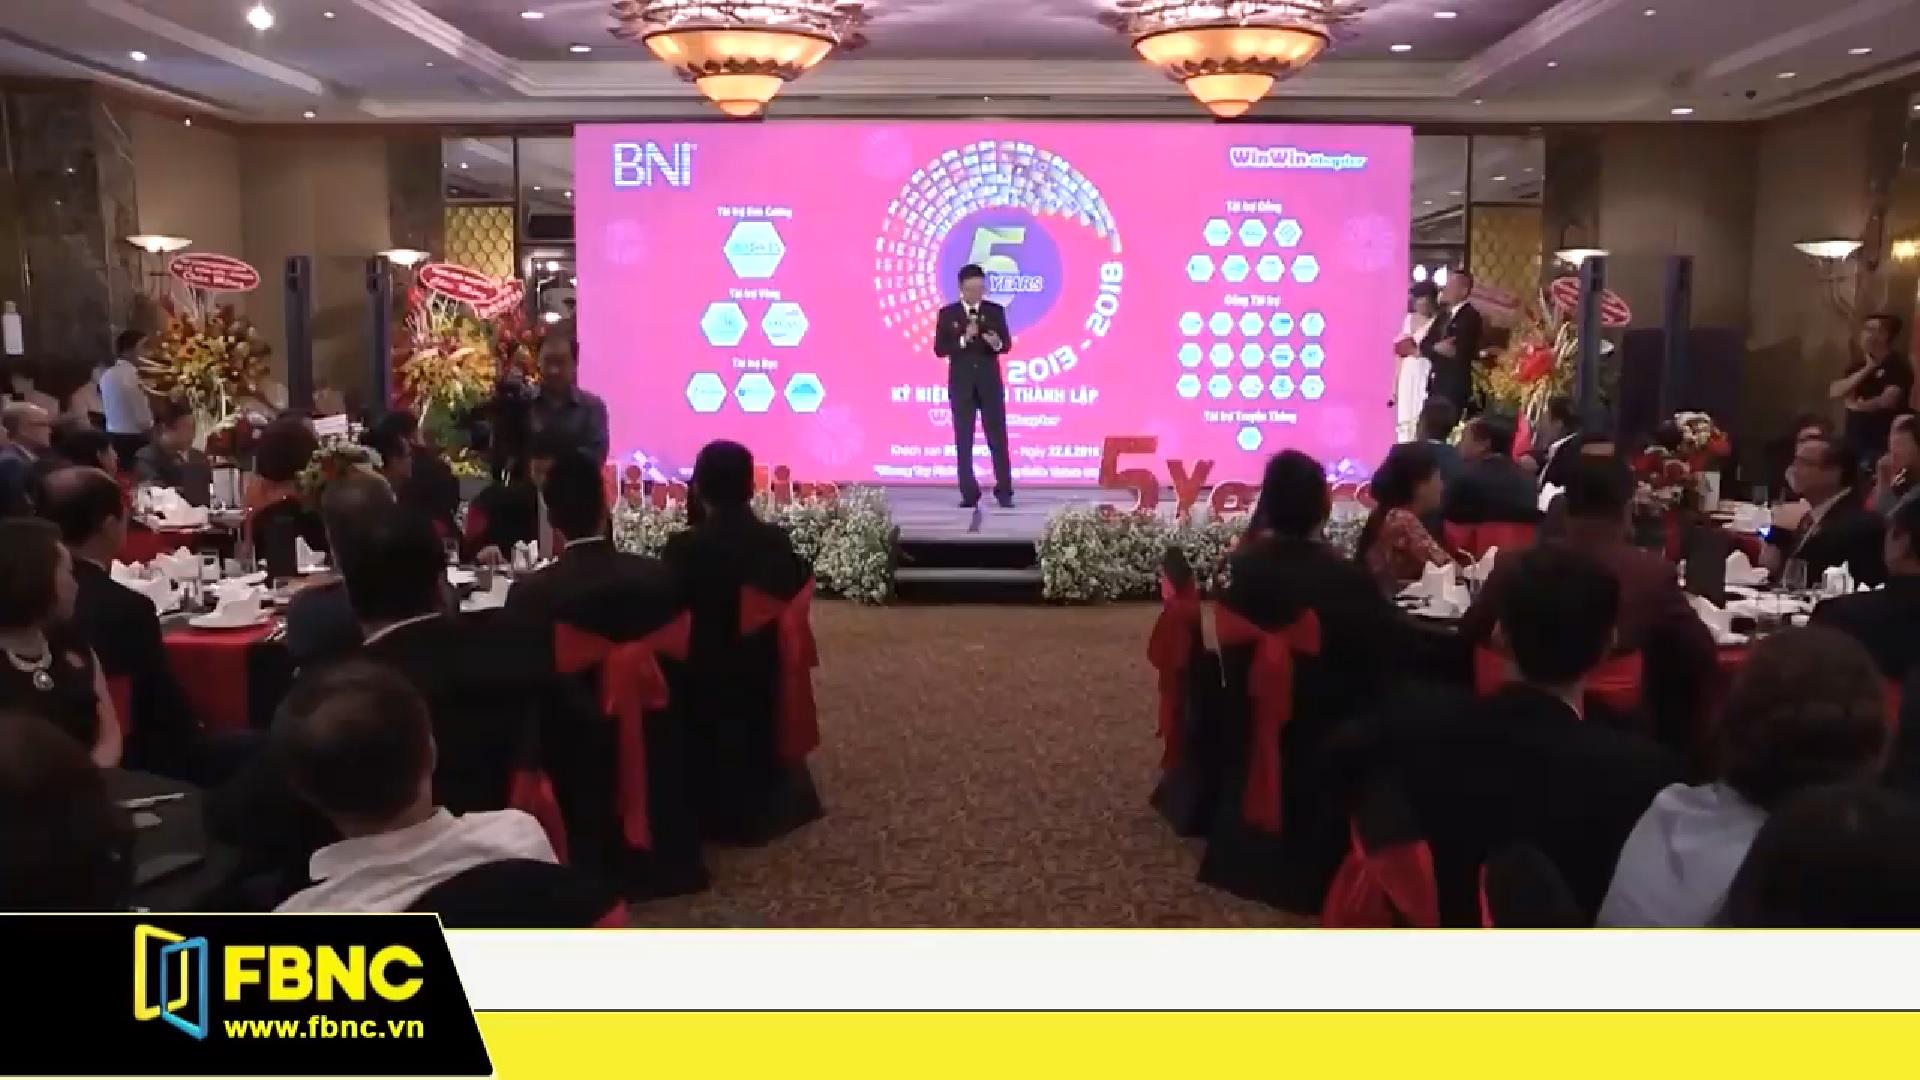 [BNI Win Win Chapter] 5 Năm Hình Thành & Phát Triển | Tin FBNC